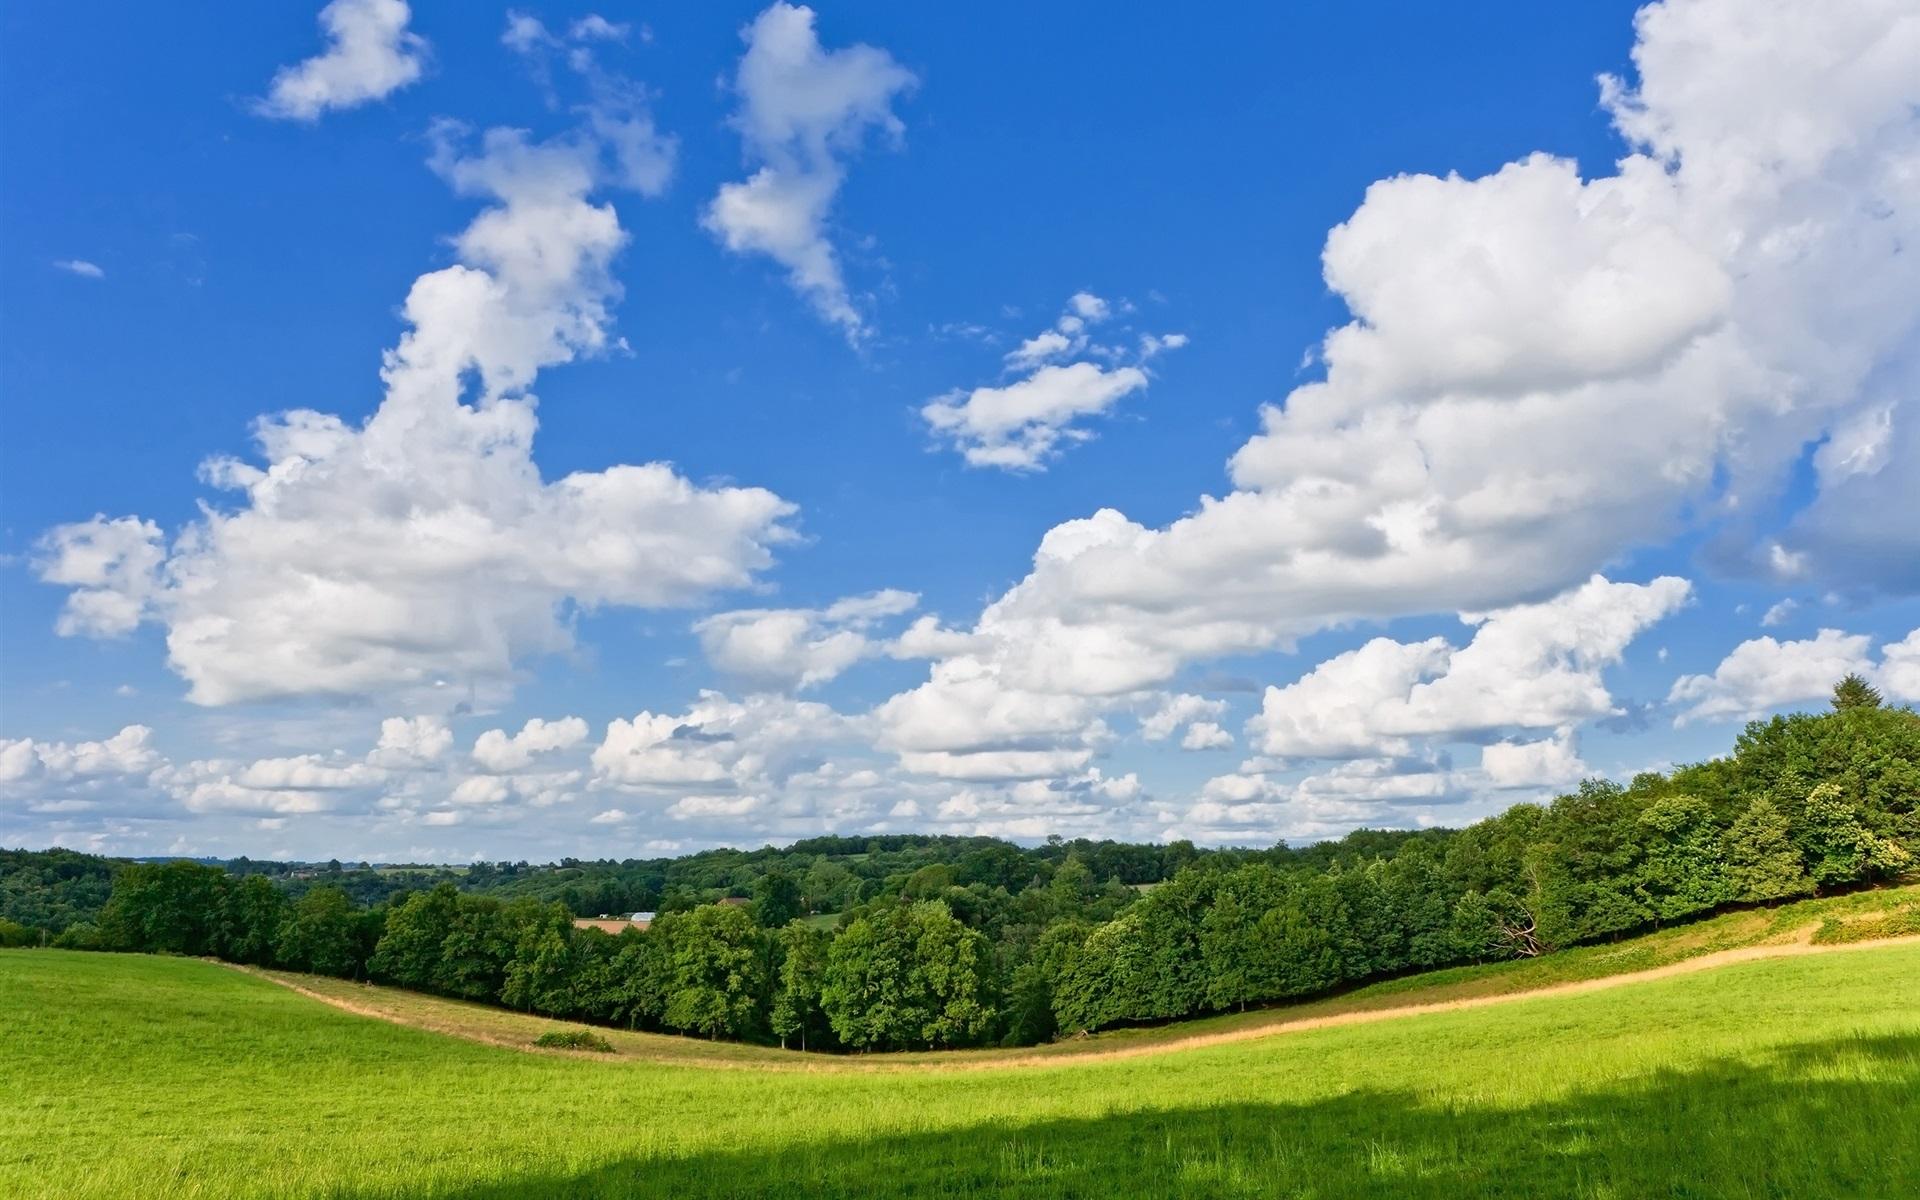 природа деревья трава небо облака nature trees grass the sky clouds скачать